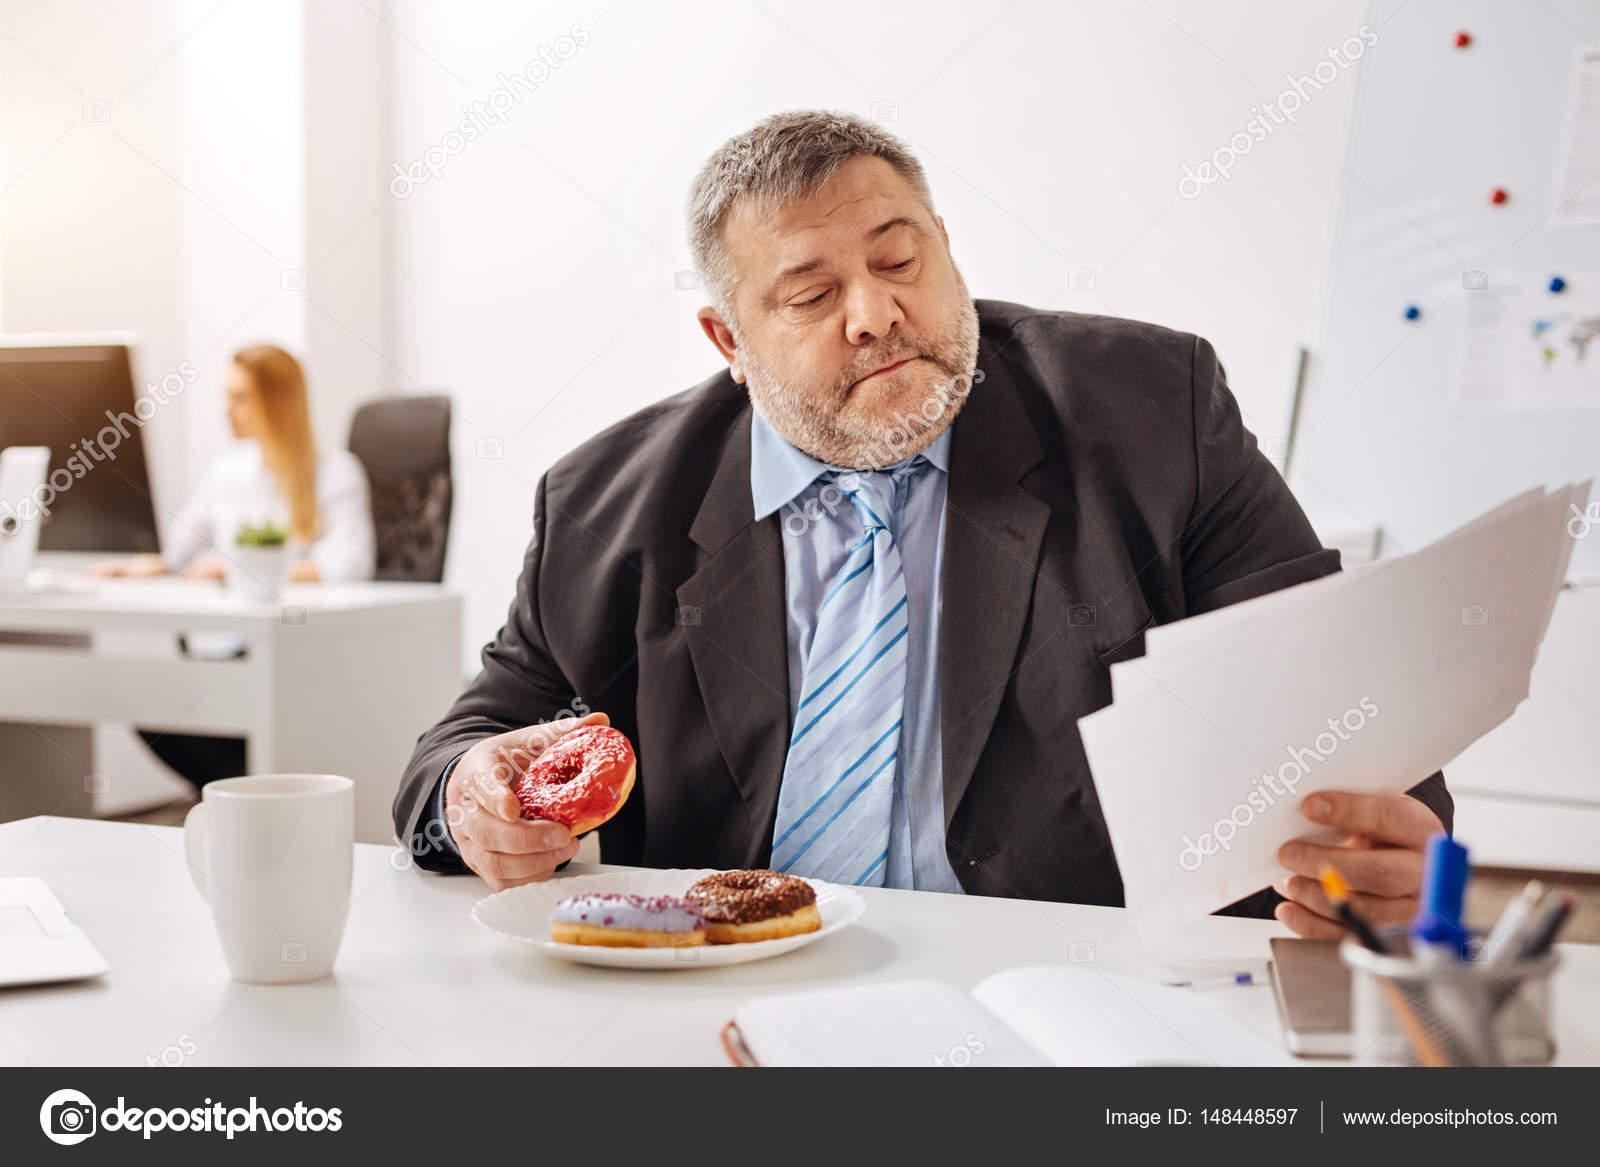 Occupe Employe Engage Manger Sur Son Lieu De Travail Photographie